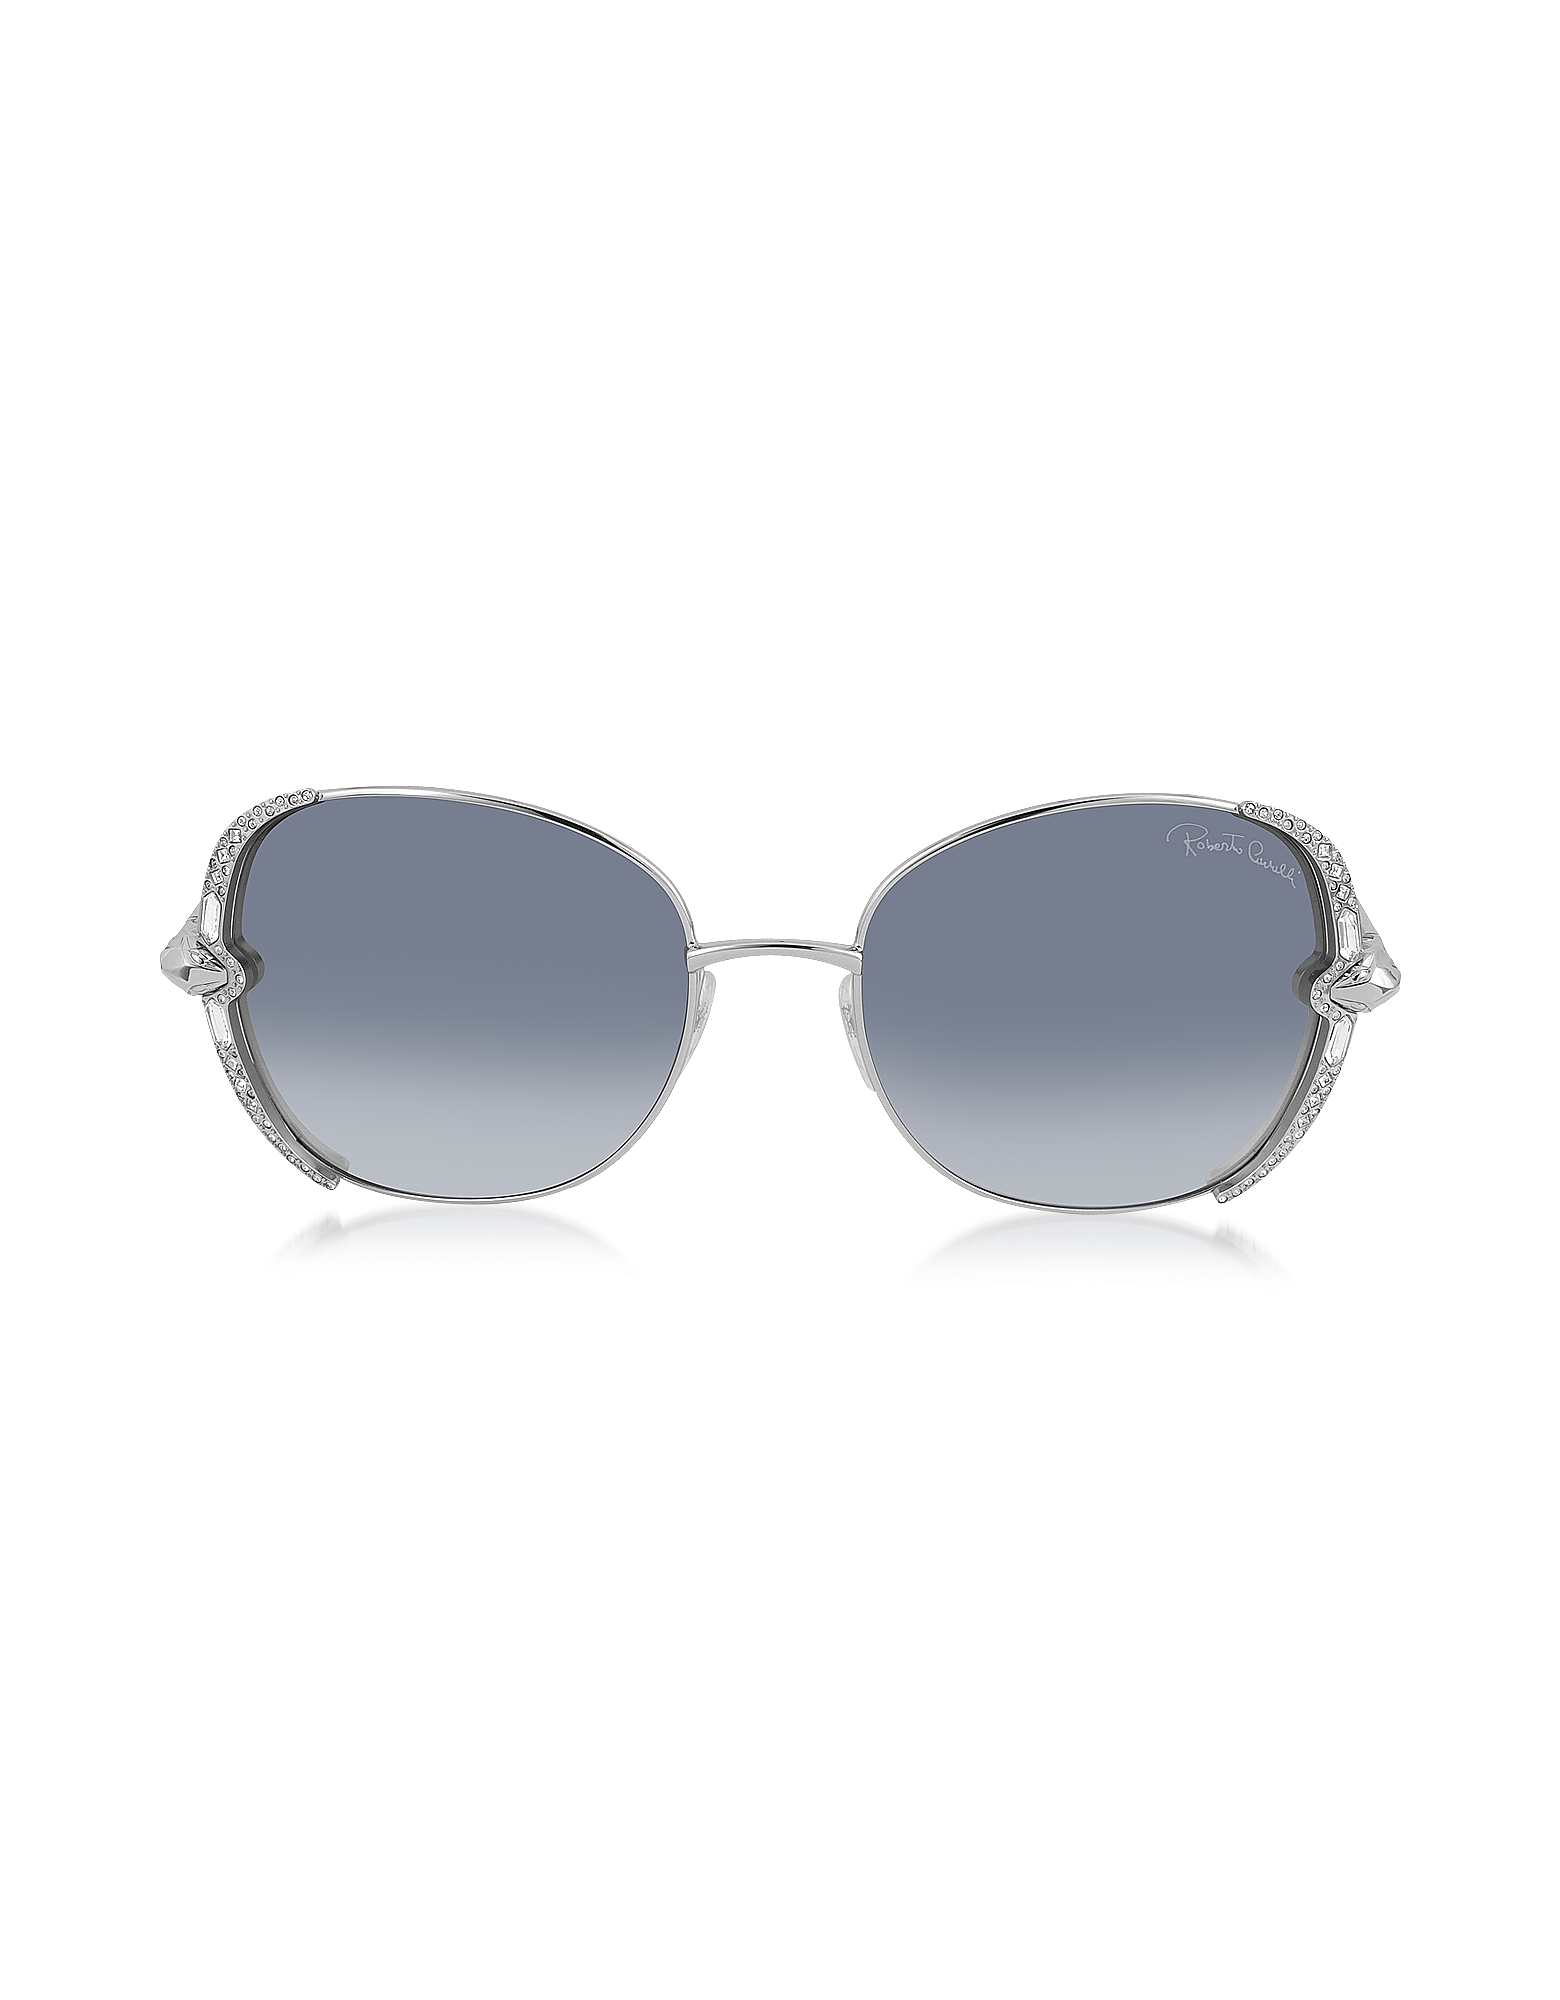 Roberto Cavalli SUBRA 974S - Большие Женские Солнечные Очки в Квадратной Оправе с Кристаллами